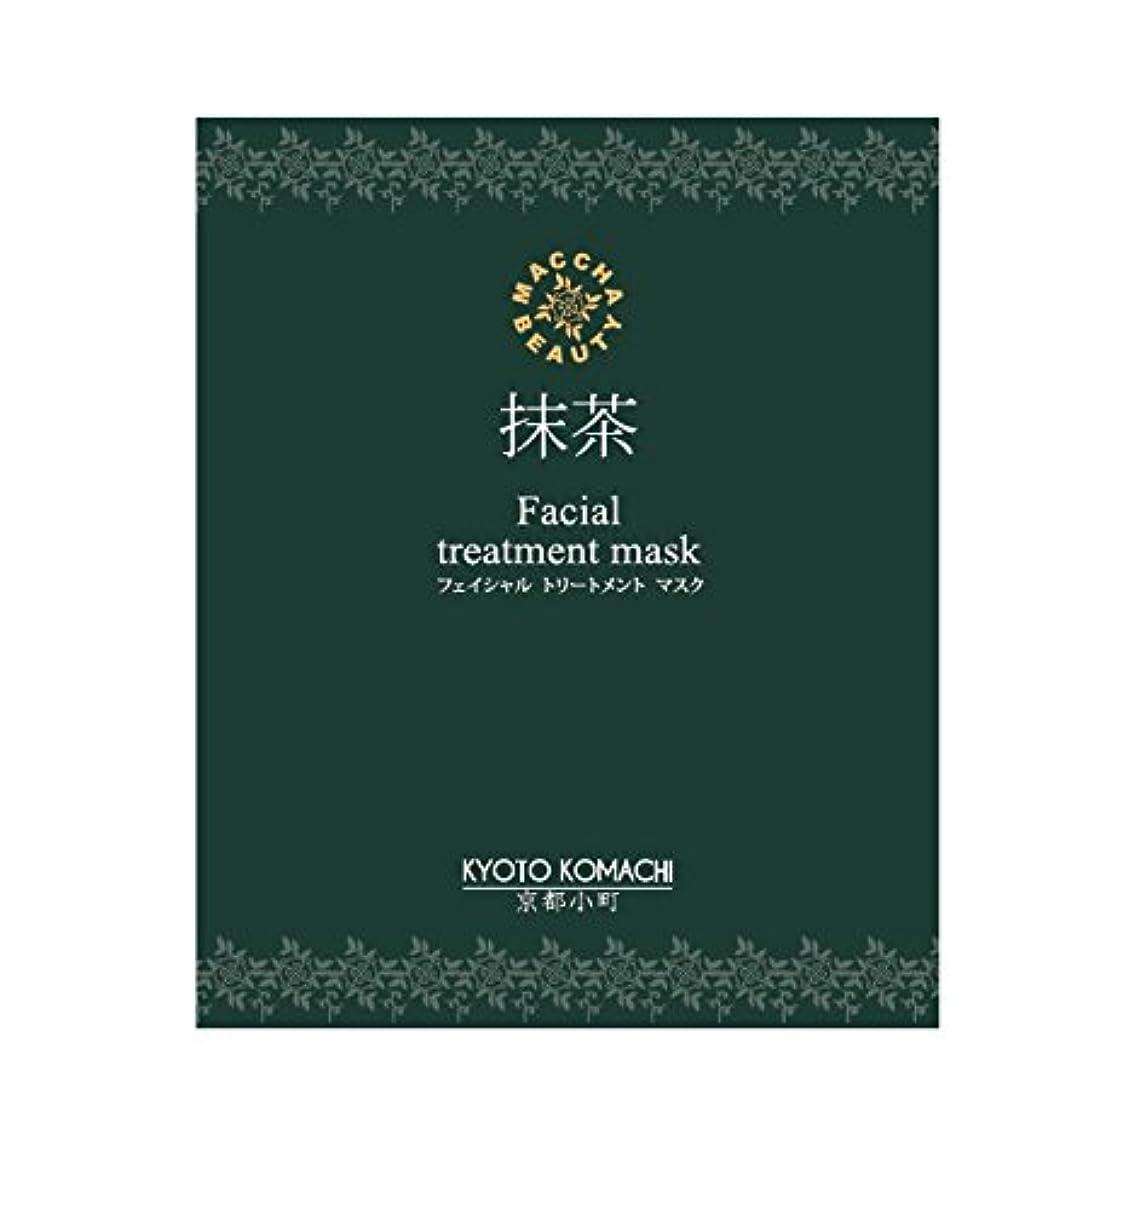 斧透けるそんなに京都小町<抹茶美人>マチャビューティー フェイシャル トリートメント マスク 25g×30枚(+無料5枚)